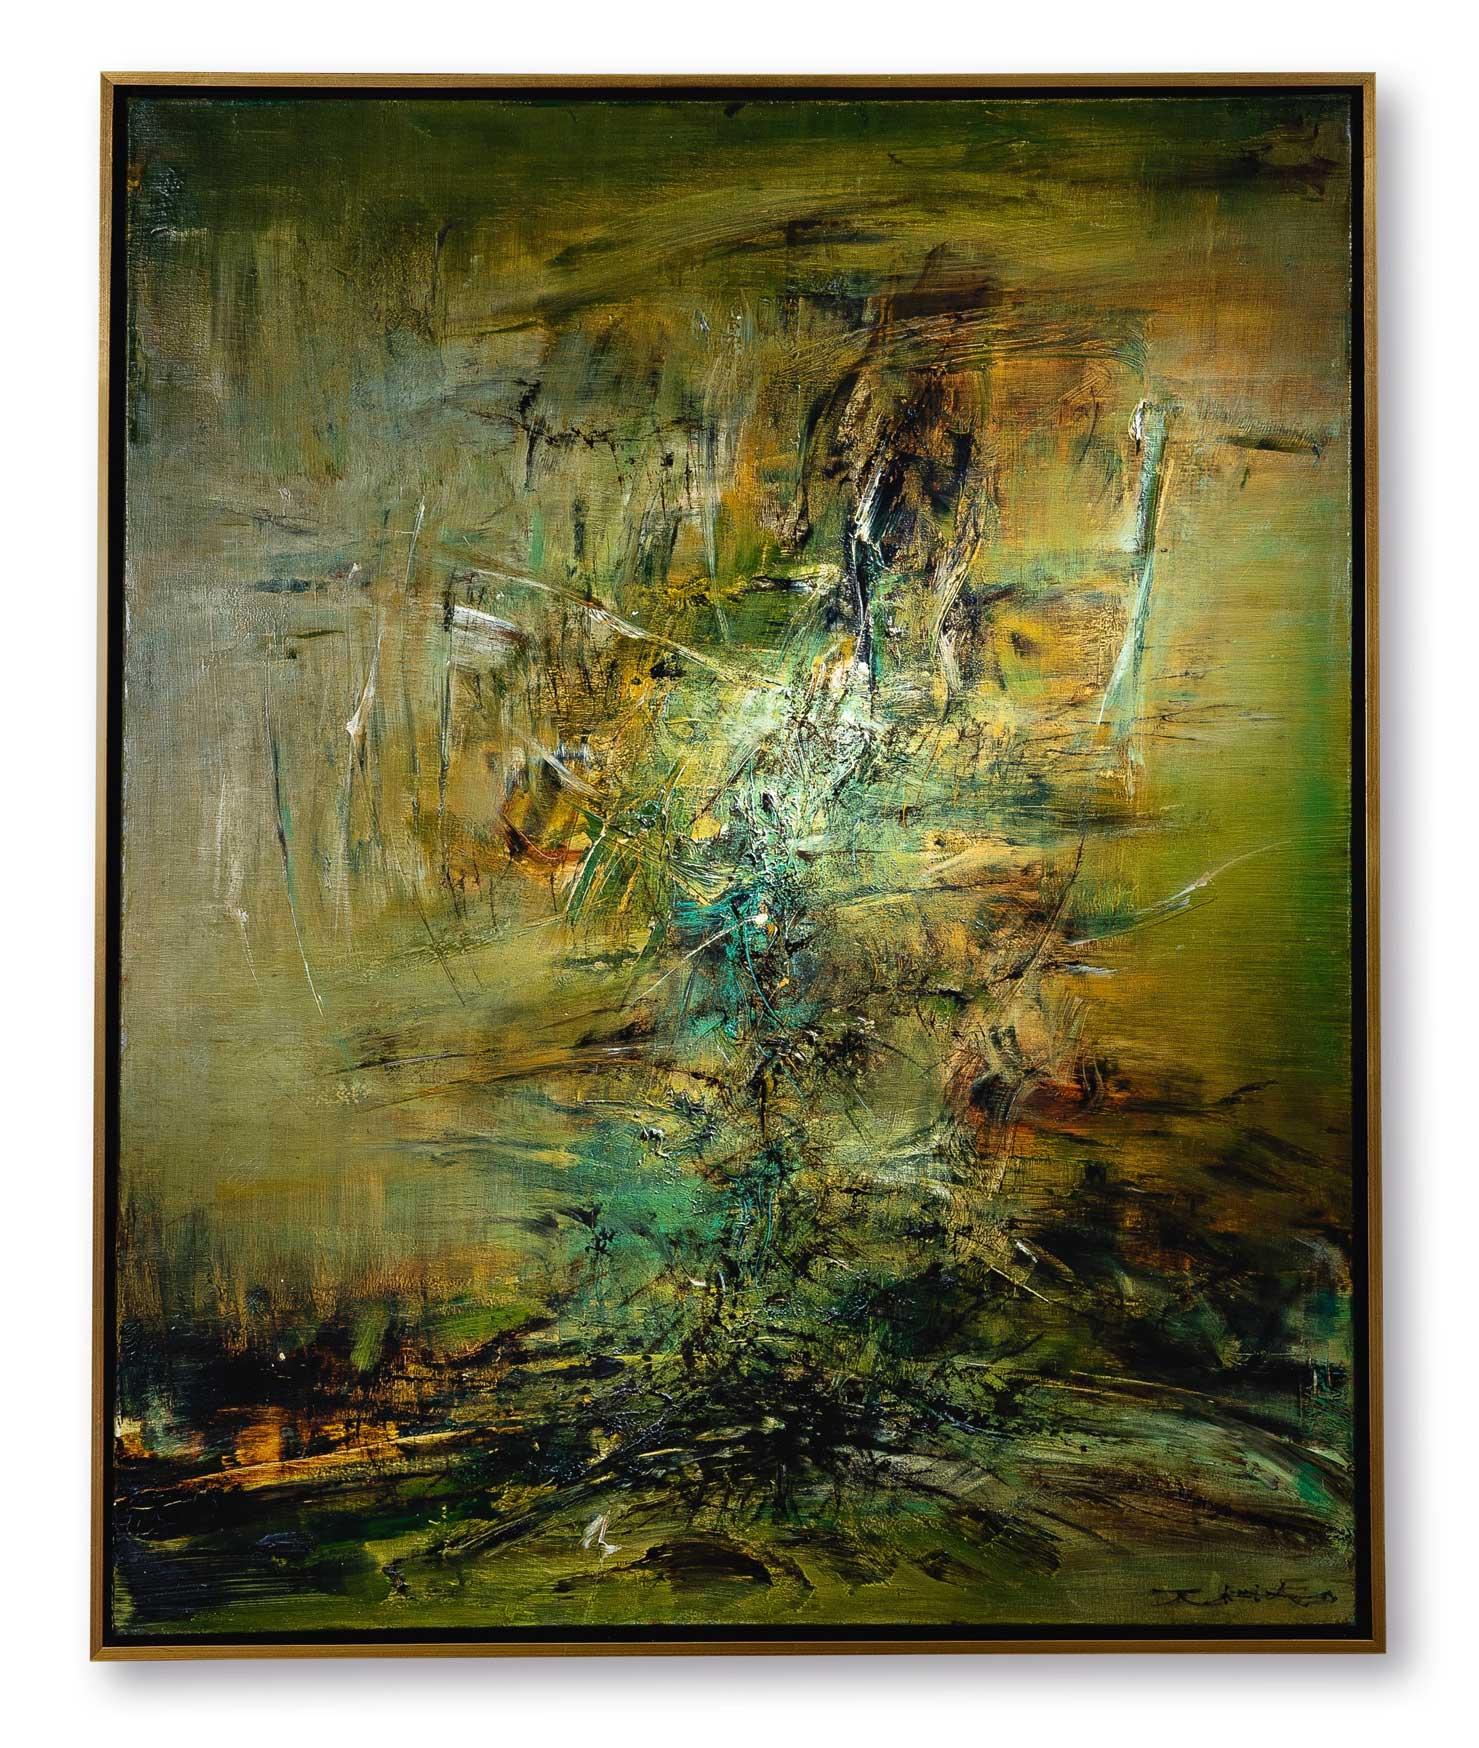 趙無極《14.05.63》 1963年作,油畫畫布,100 x 80.5 公分 估價:30,000,000 - 50,000,000港元